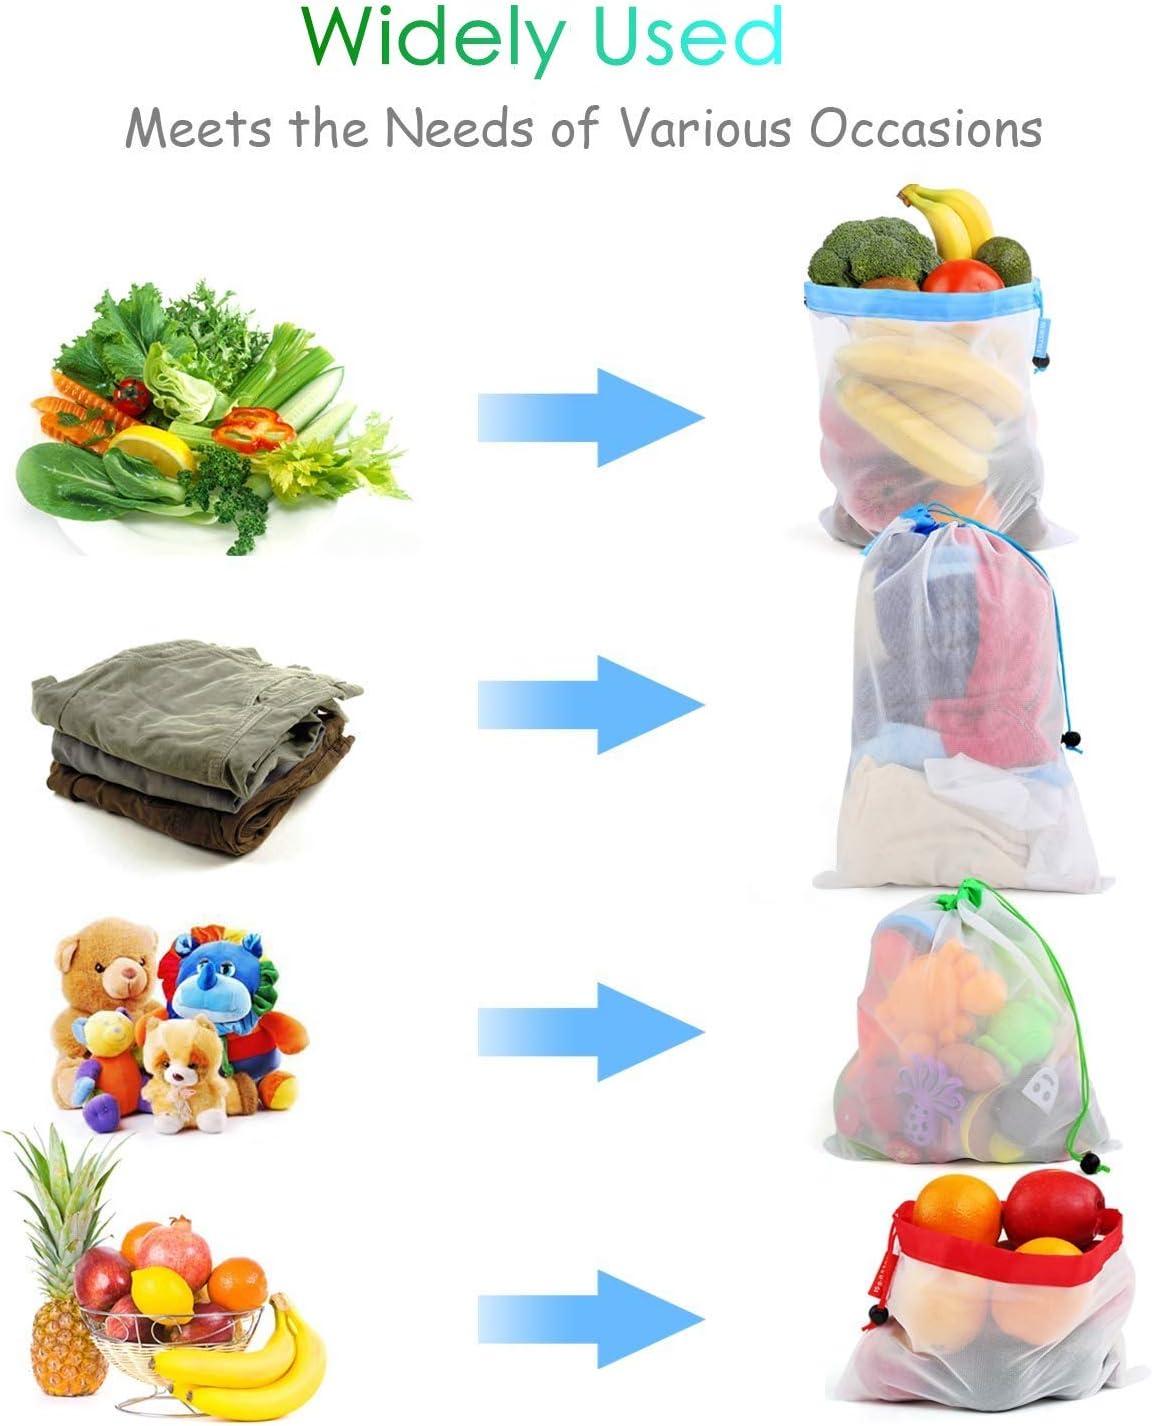 3 Diversos Tama/ños Lavable Transpirable Ventdest 12PCS Bolsas de la Compra Reutilizables Ecol/ógicas Bolsa de Malla Reutilizables para Almacenamiento Fruta Verduras Juguetes